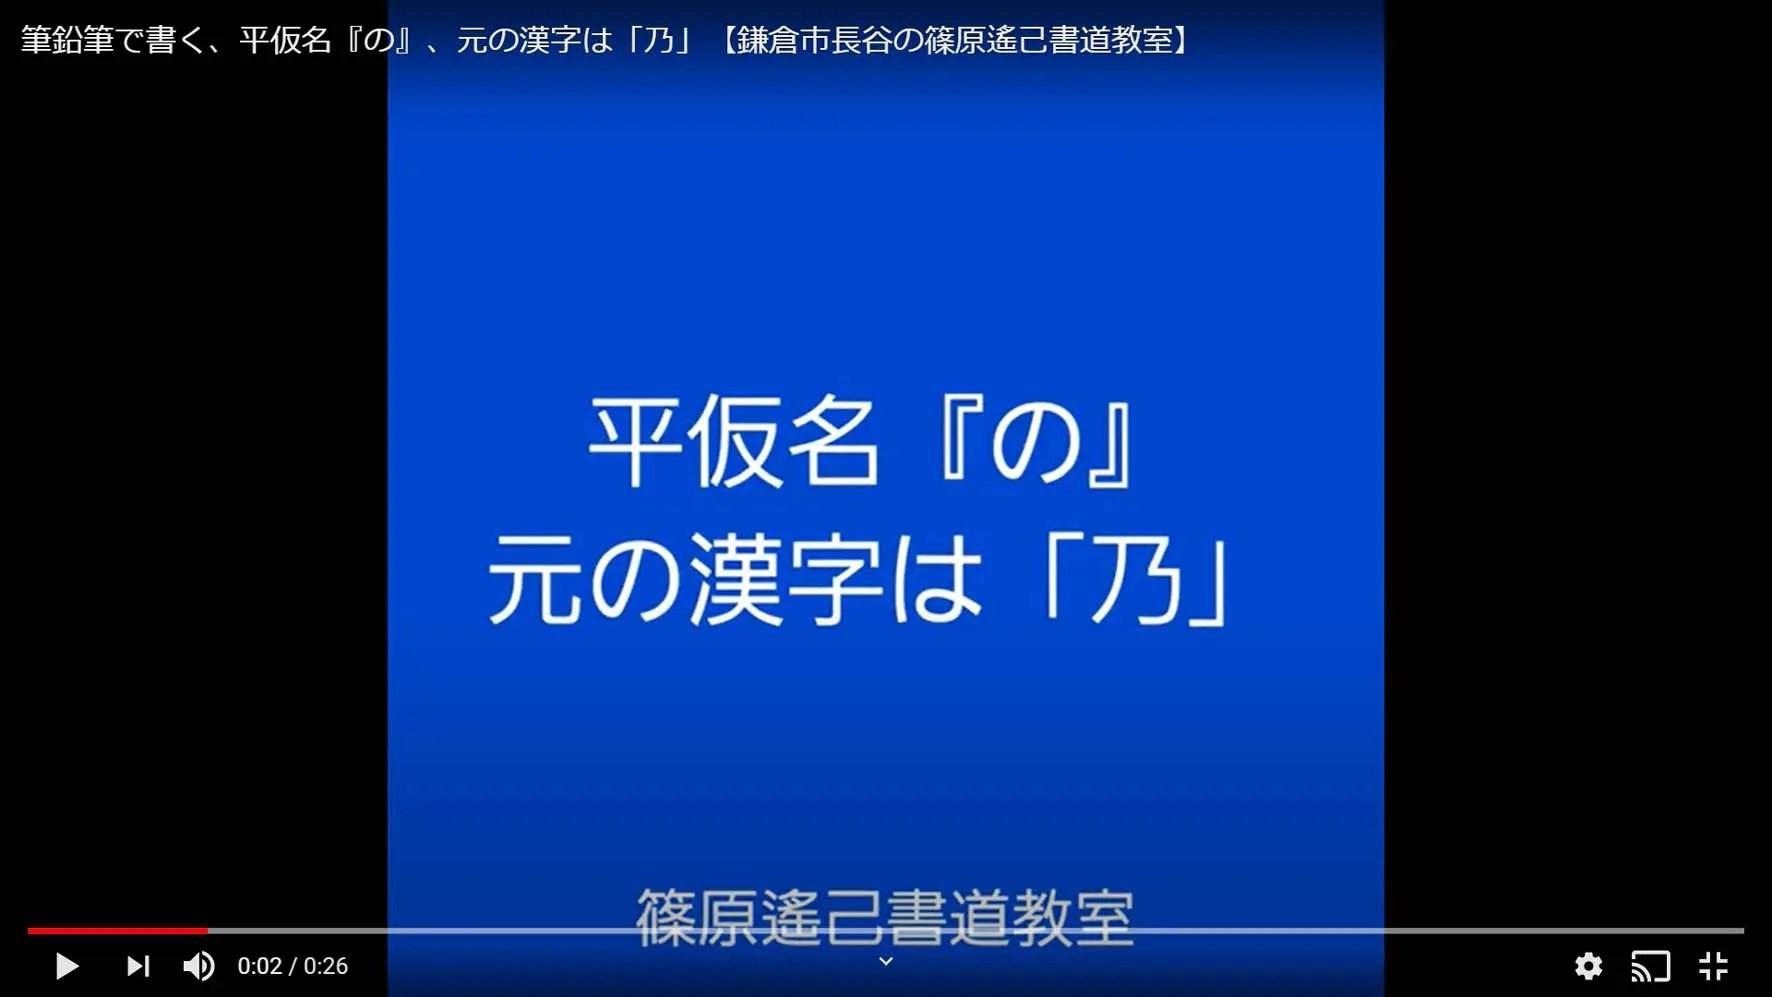 筆鉛筆で書く、平仮名『の』【手書き動画】鎌倉市長谷の書道教室